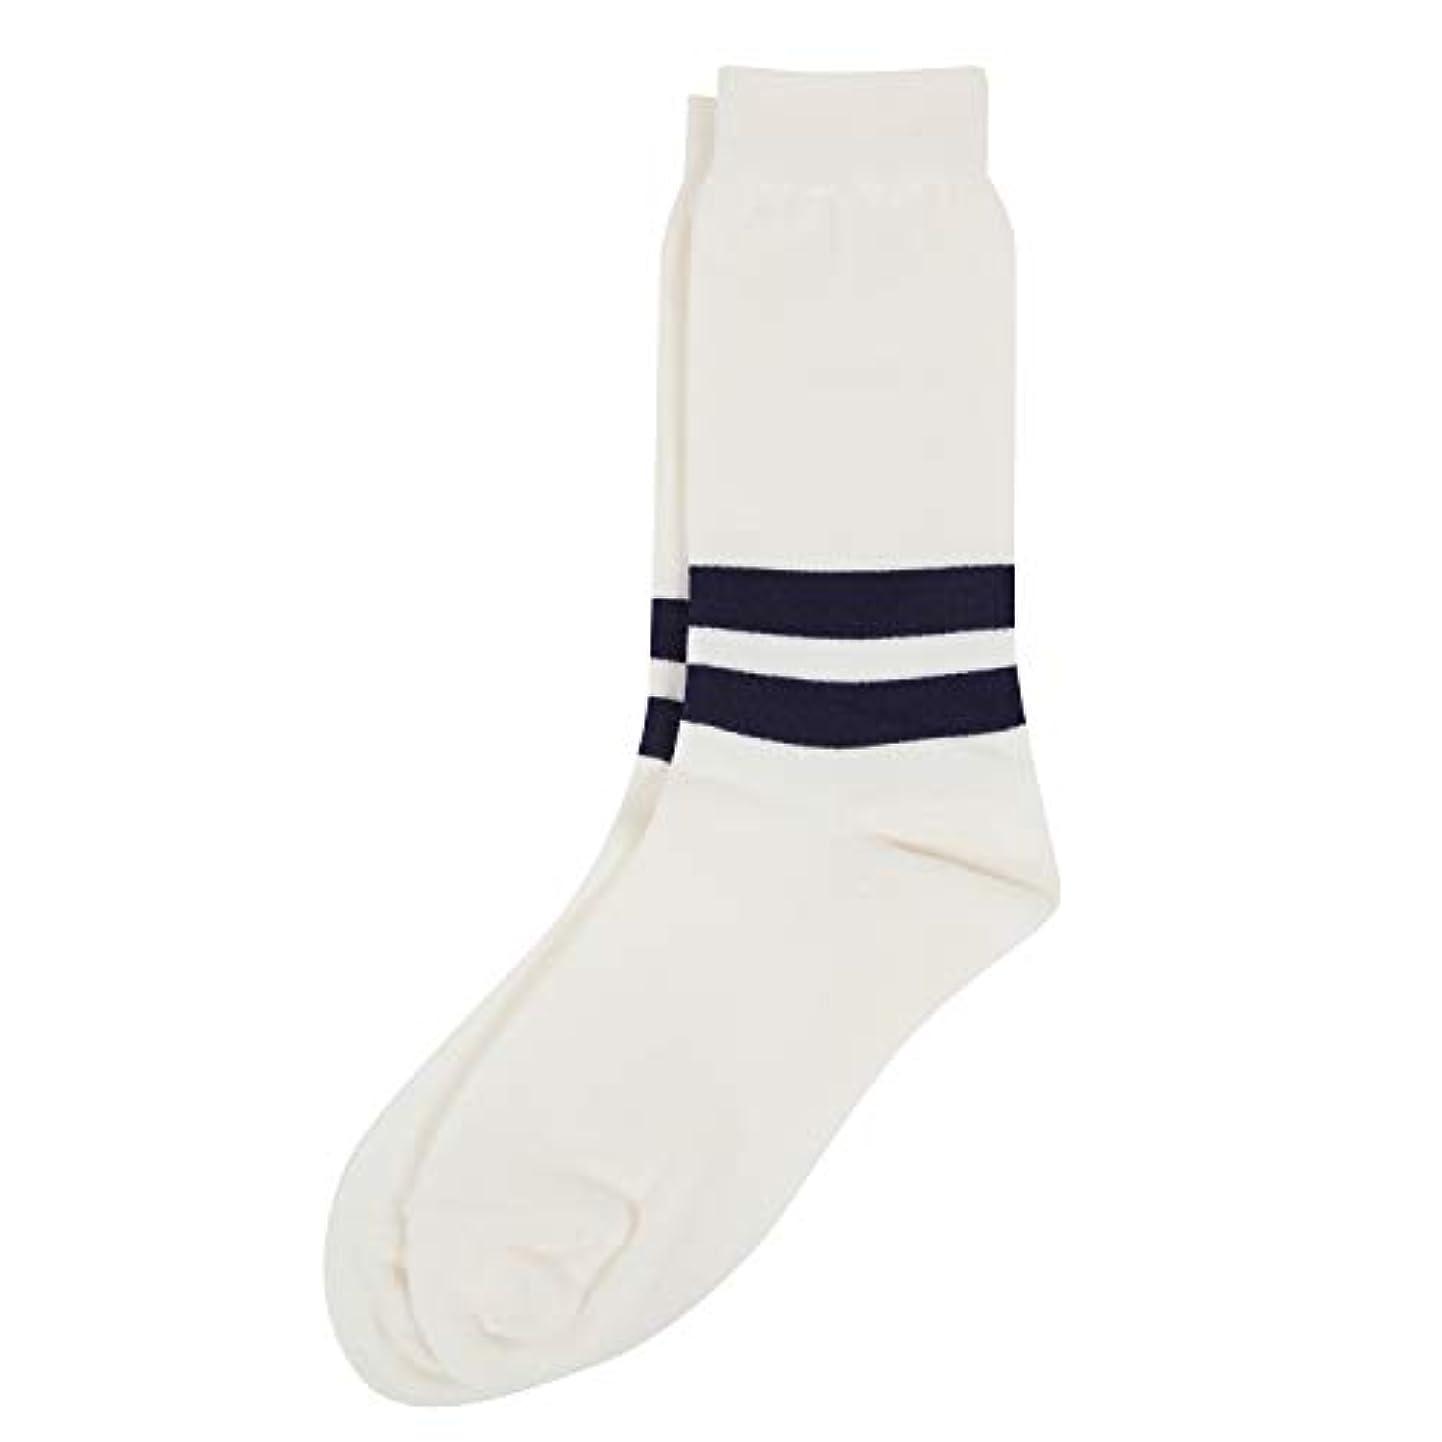 コードレス極貧ストレスDeol(デオル) ラインソックス 男性用 メンズ [足のニオイ対策] 長期間持続 日本製 無地 靴下 白 25cm-27cm